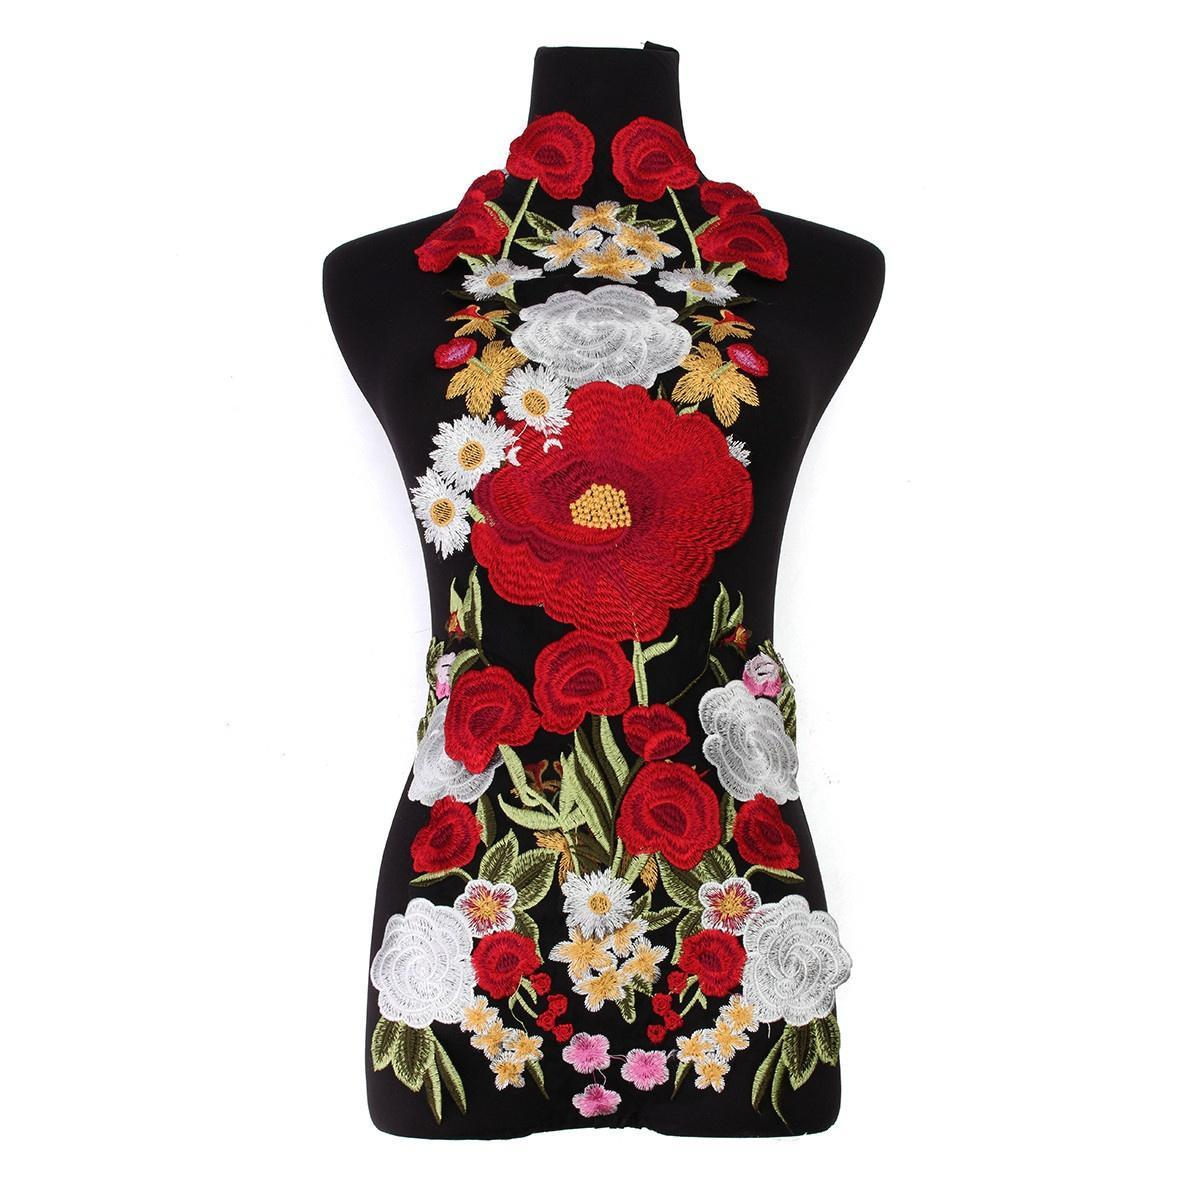 Большой цветок цветочные патчи кружева ткань вышивки аппликации мотивы швейная ремесла книги контэнт моя энциклопедия вышивки бисерная вышивка крестом цветочные мотивы